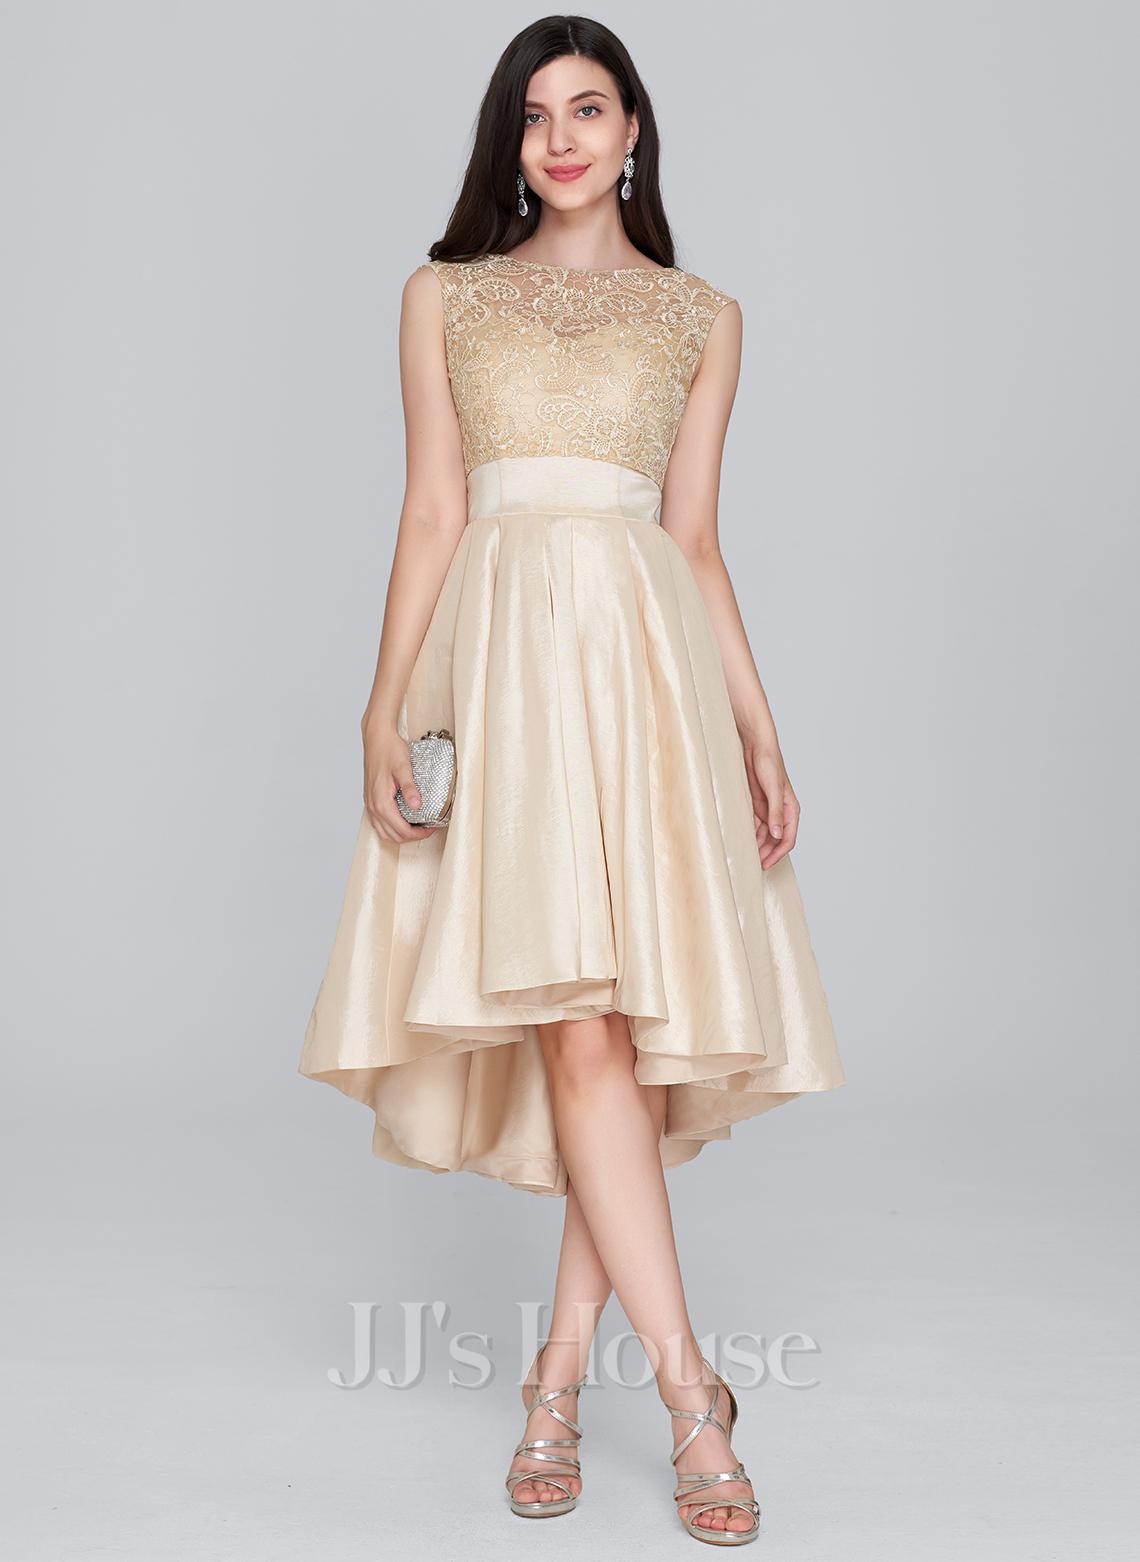 A-Line Scoop Neck Asymmetrical Taffeta Homecoming Dress